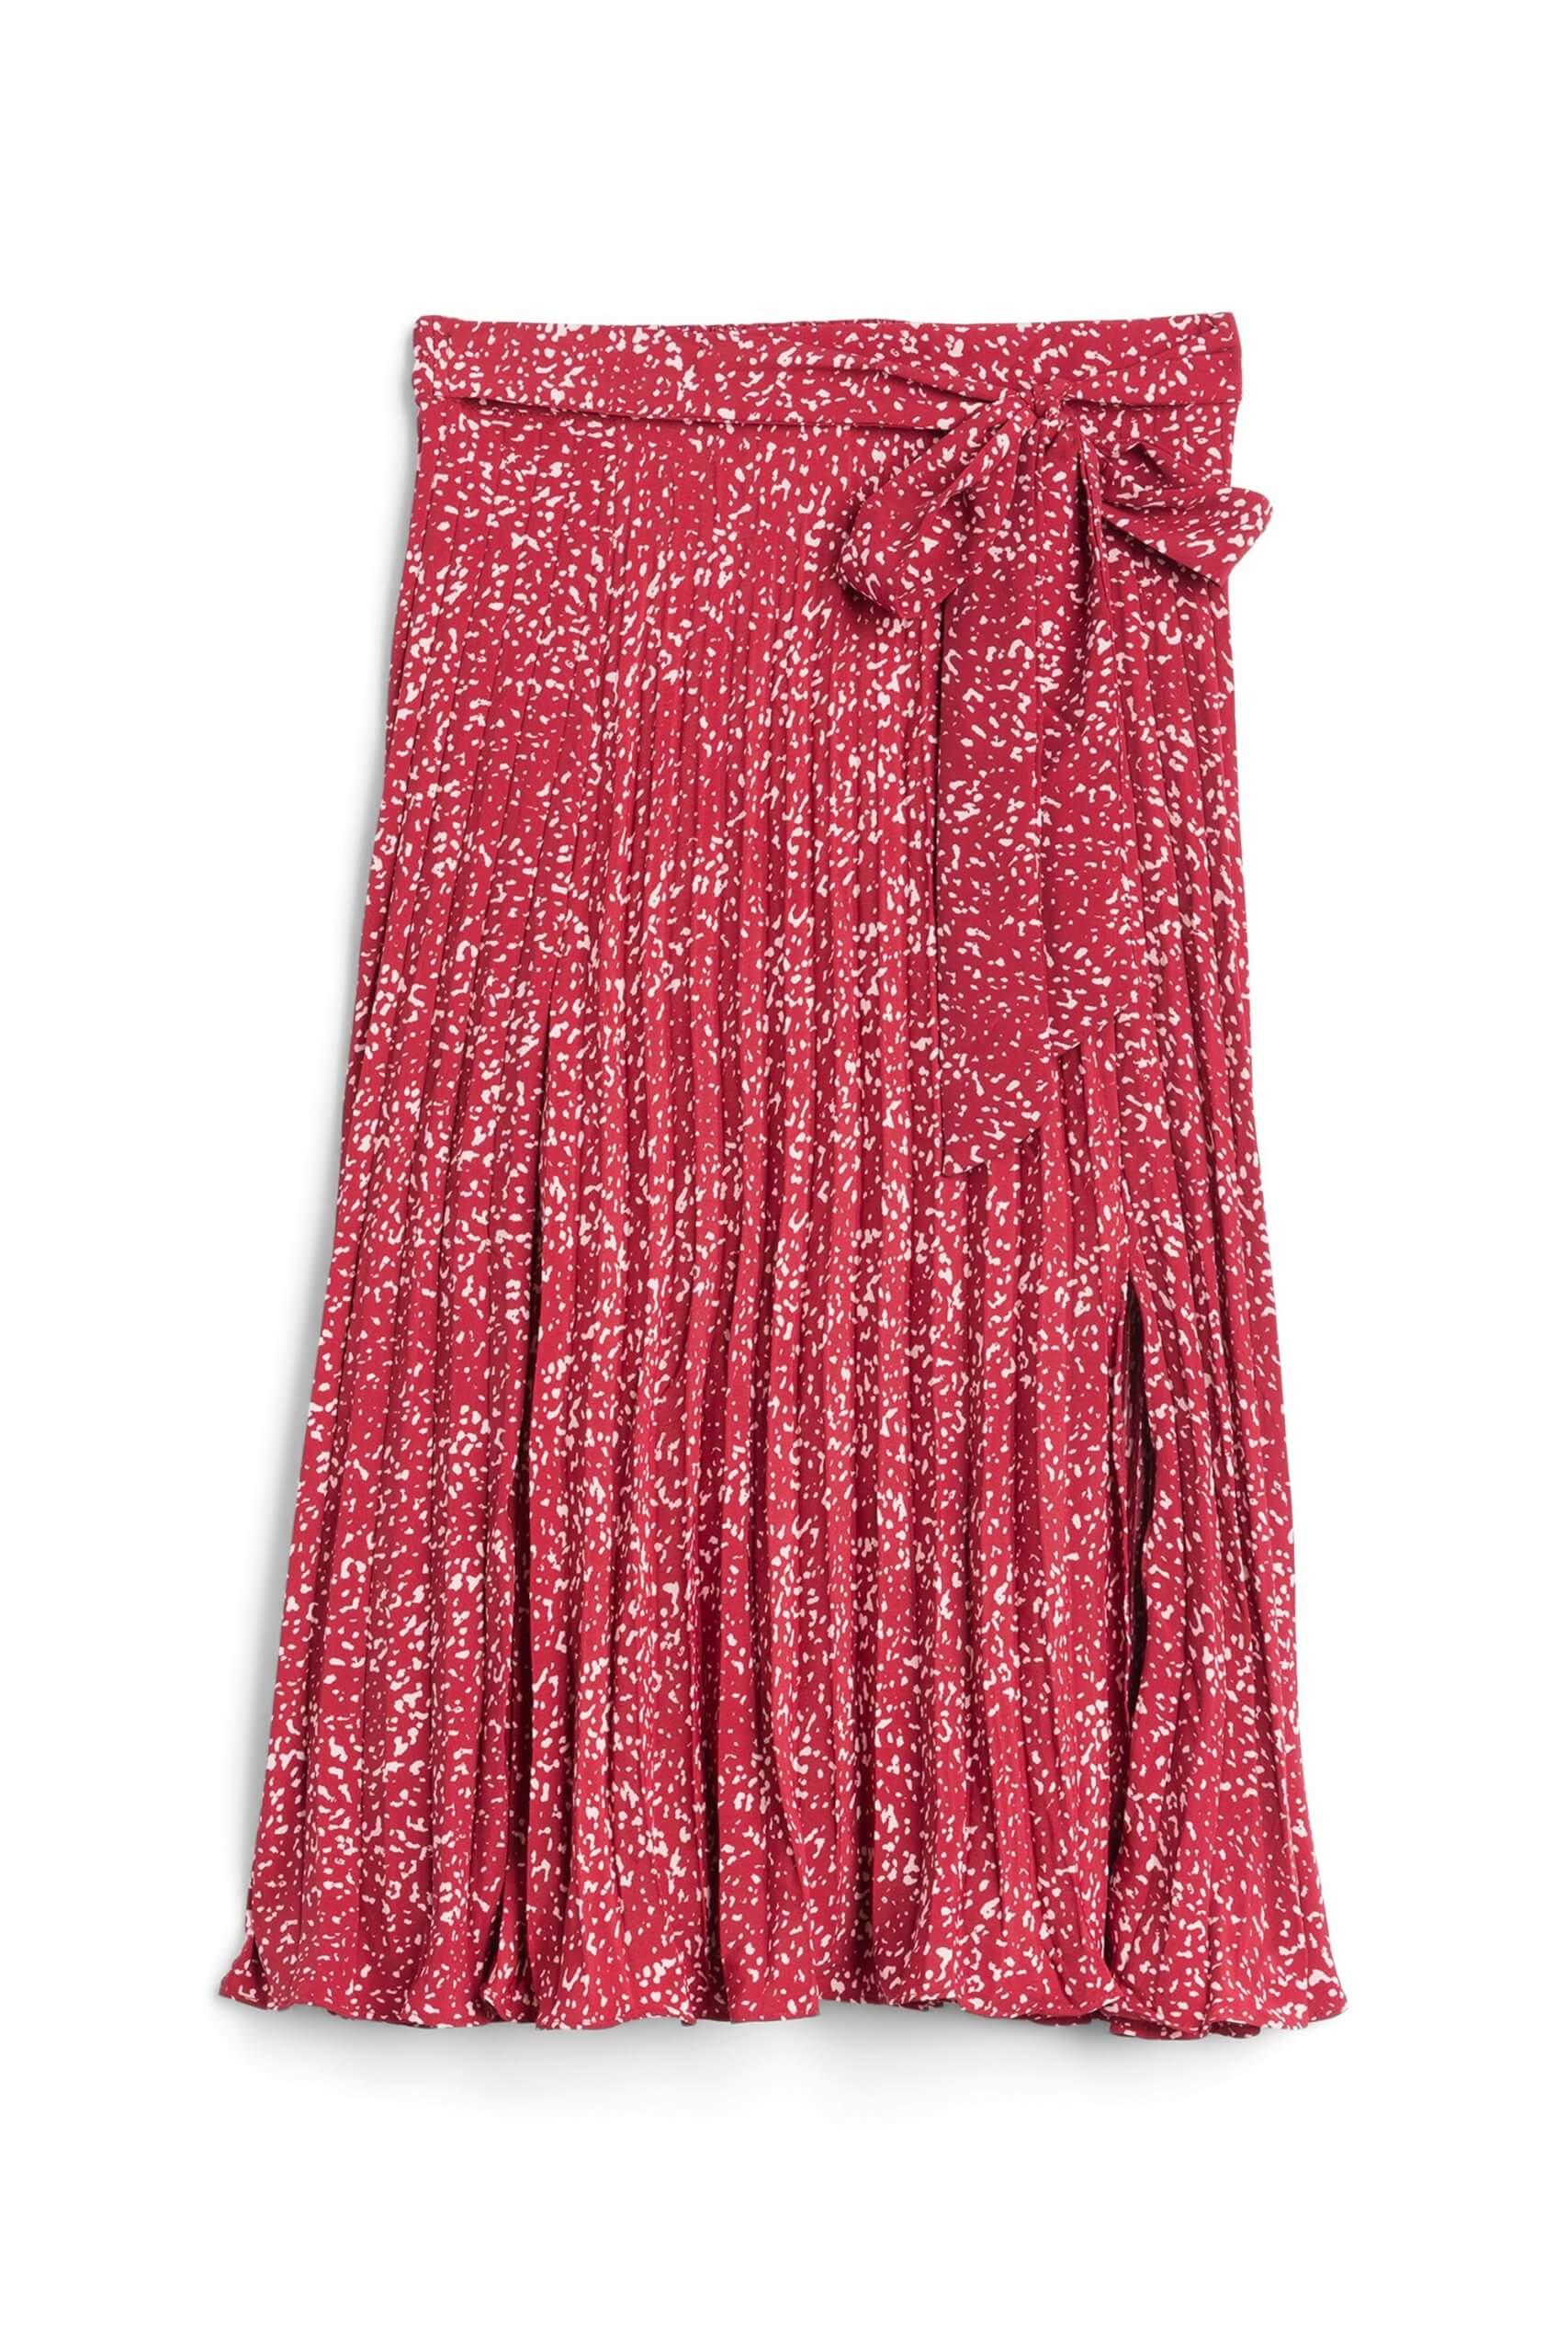 Stitch Fix Women's red floral midi skirt.